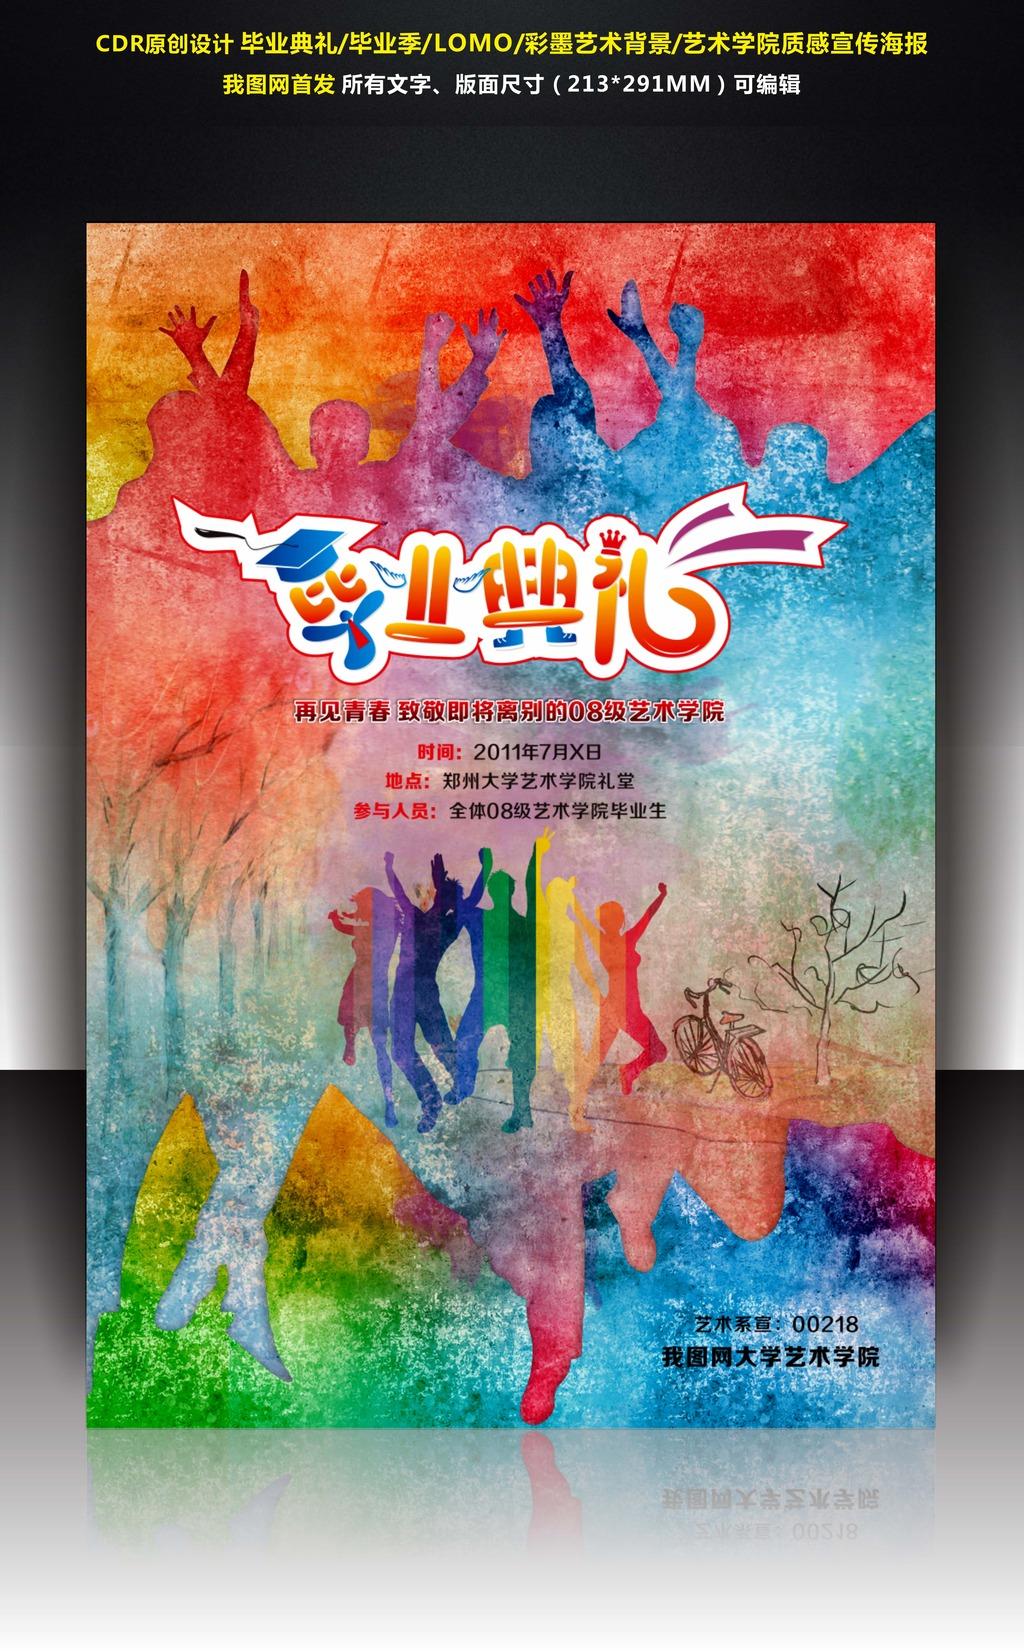 卡通毕业典礼 狂欢人群 炫酷毕业典礼海报 质感毕业典礼海报 中国风